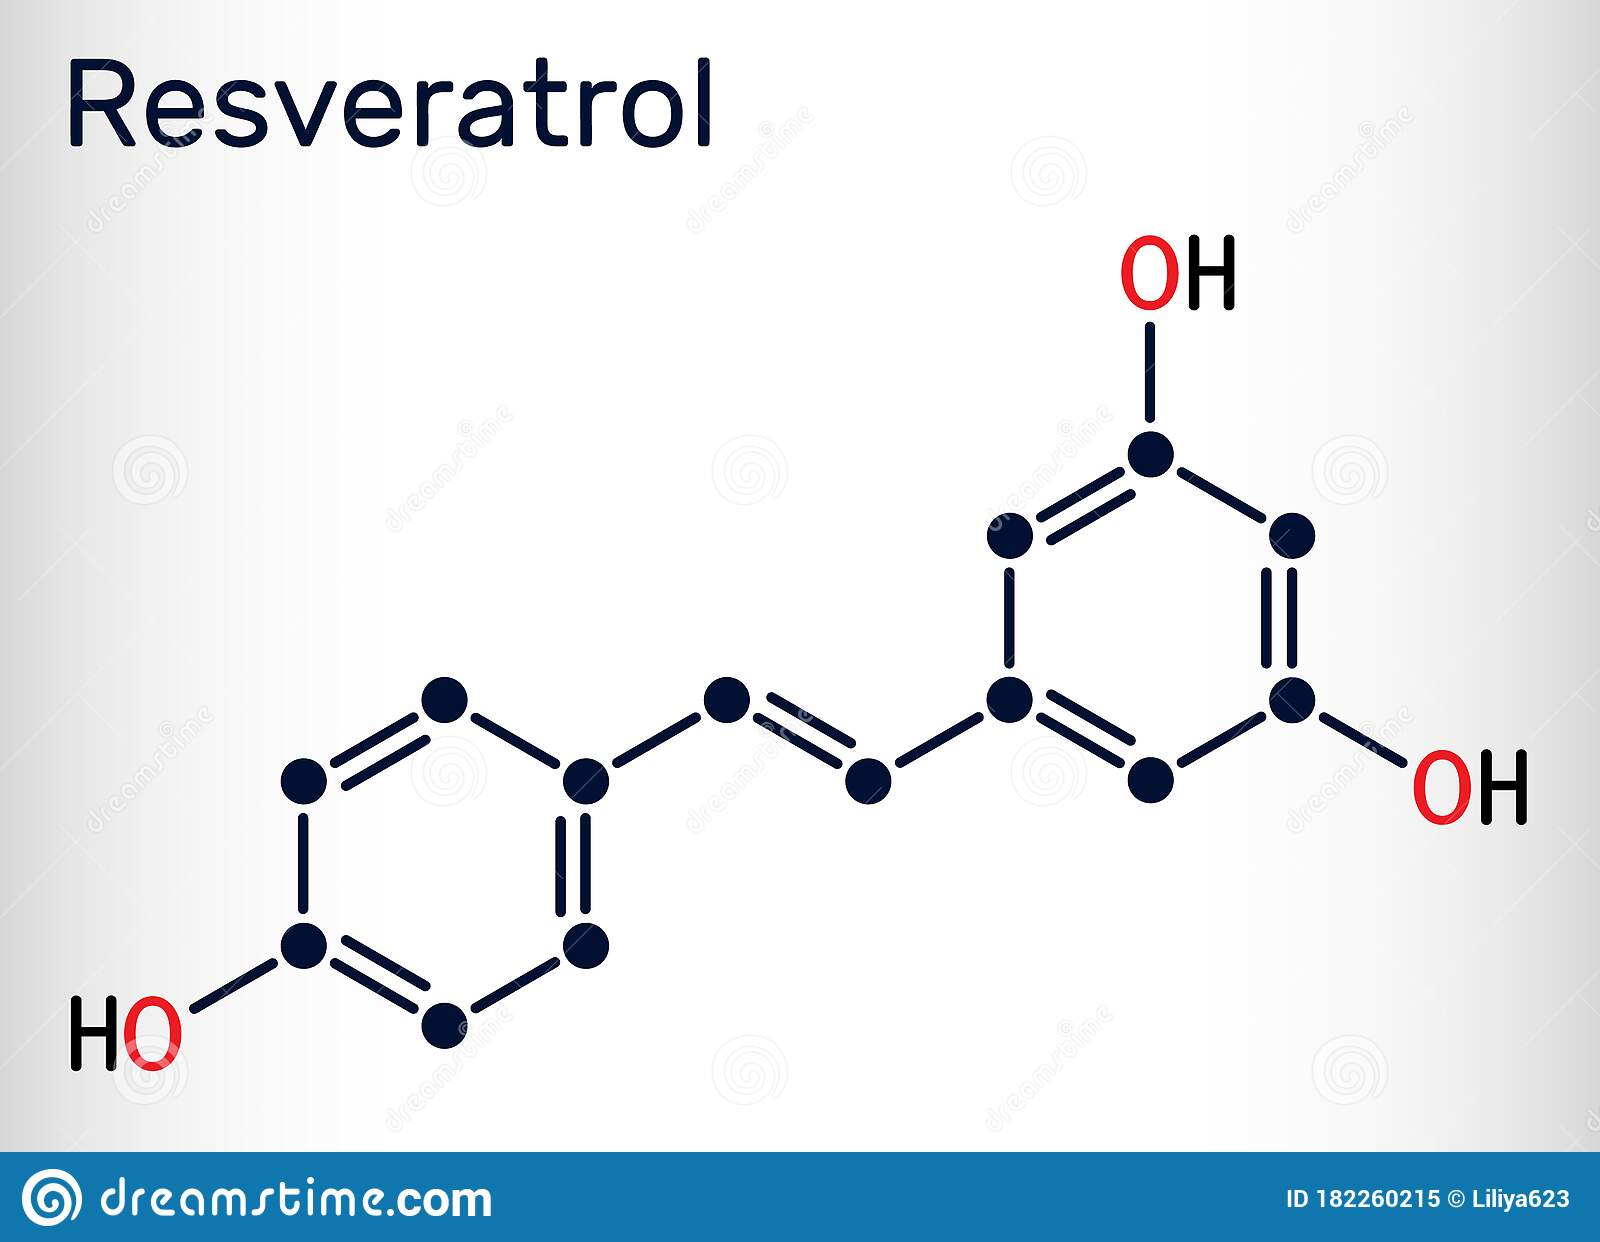 Resveratrol Trans Resveratrol Molecule It Is Stilbenoid Natural